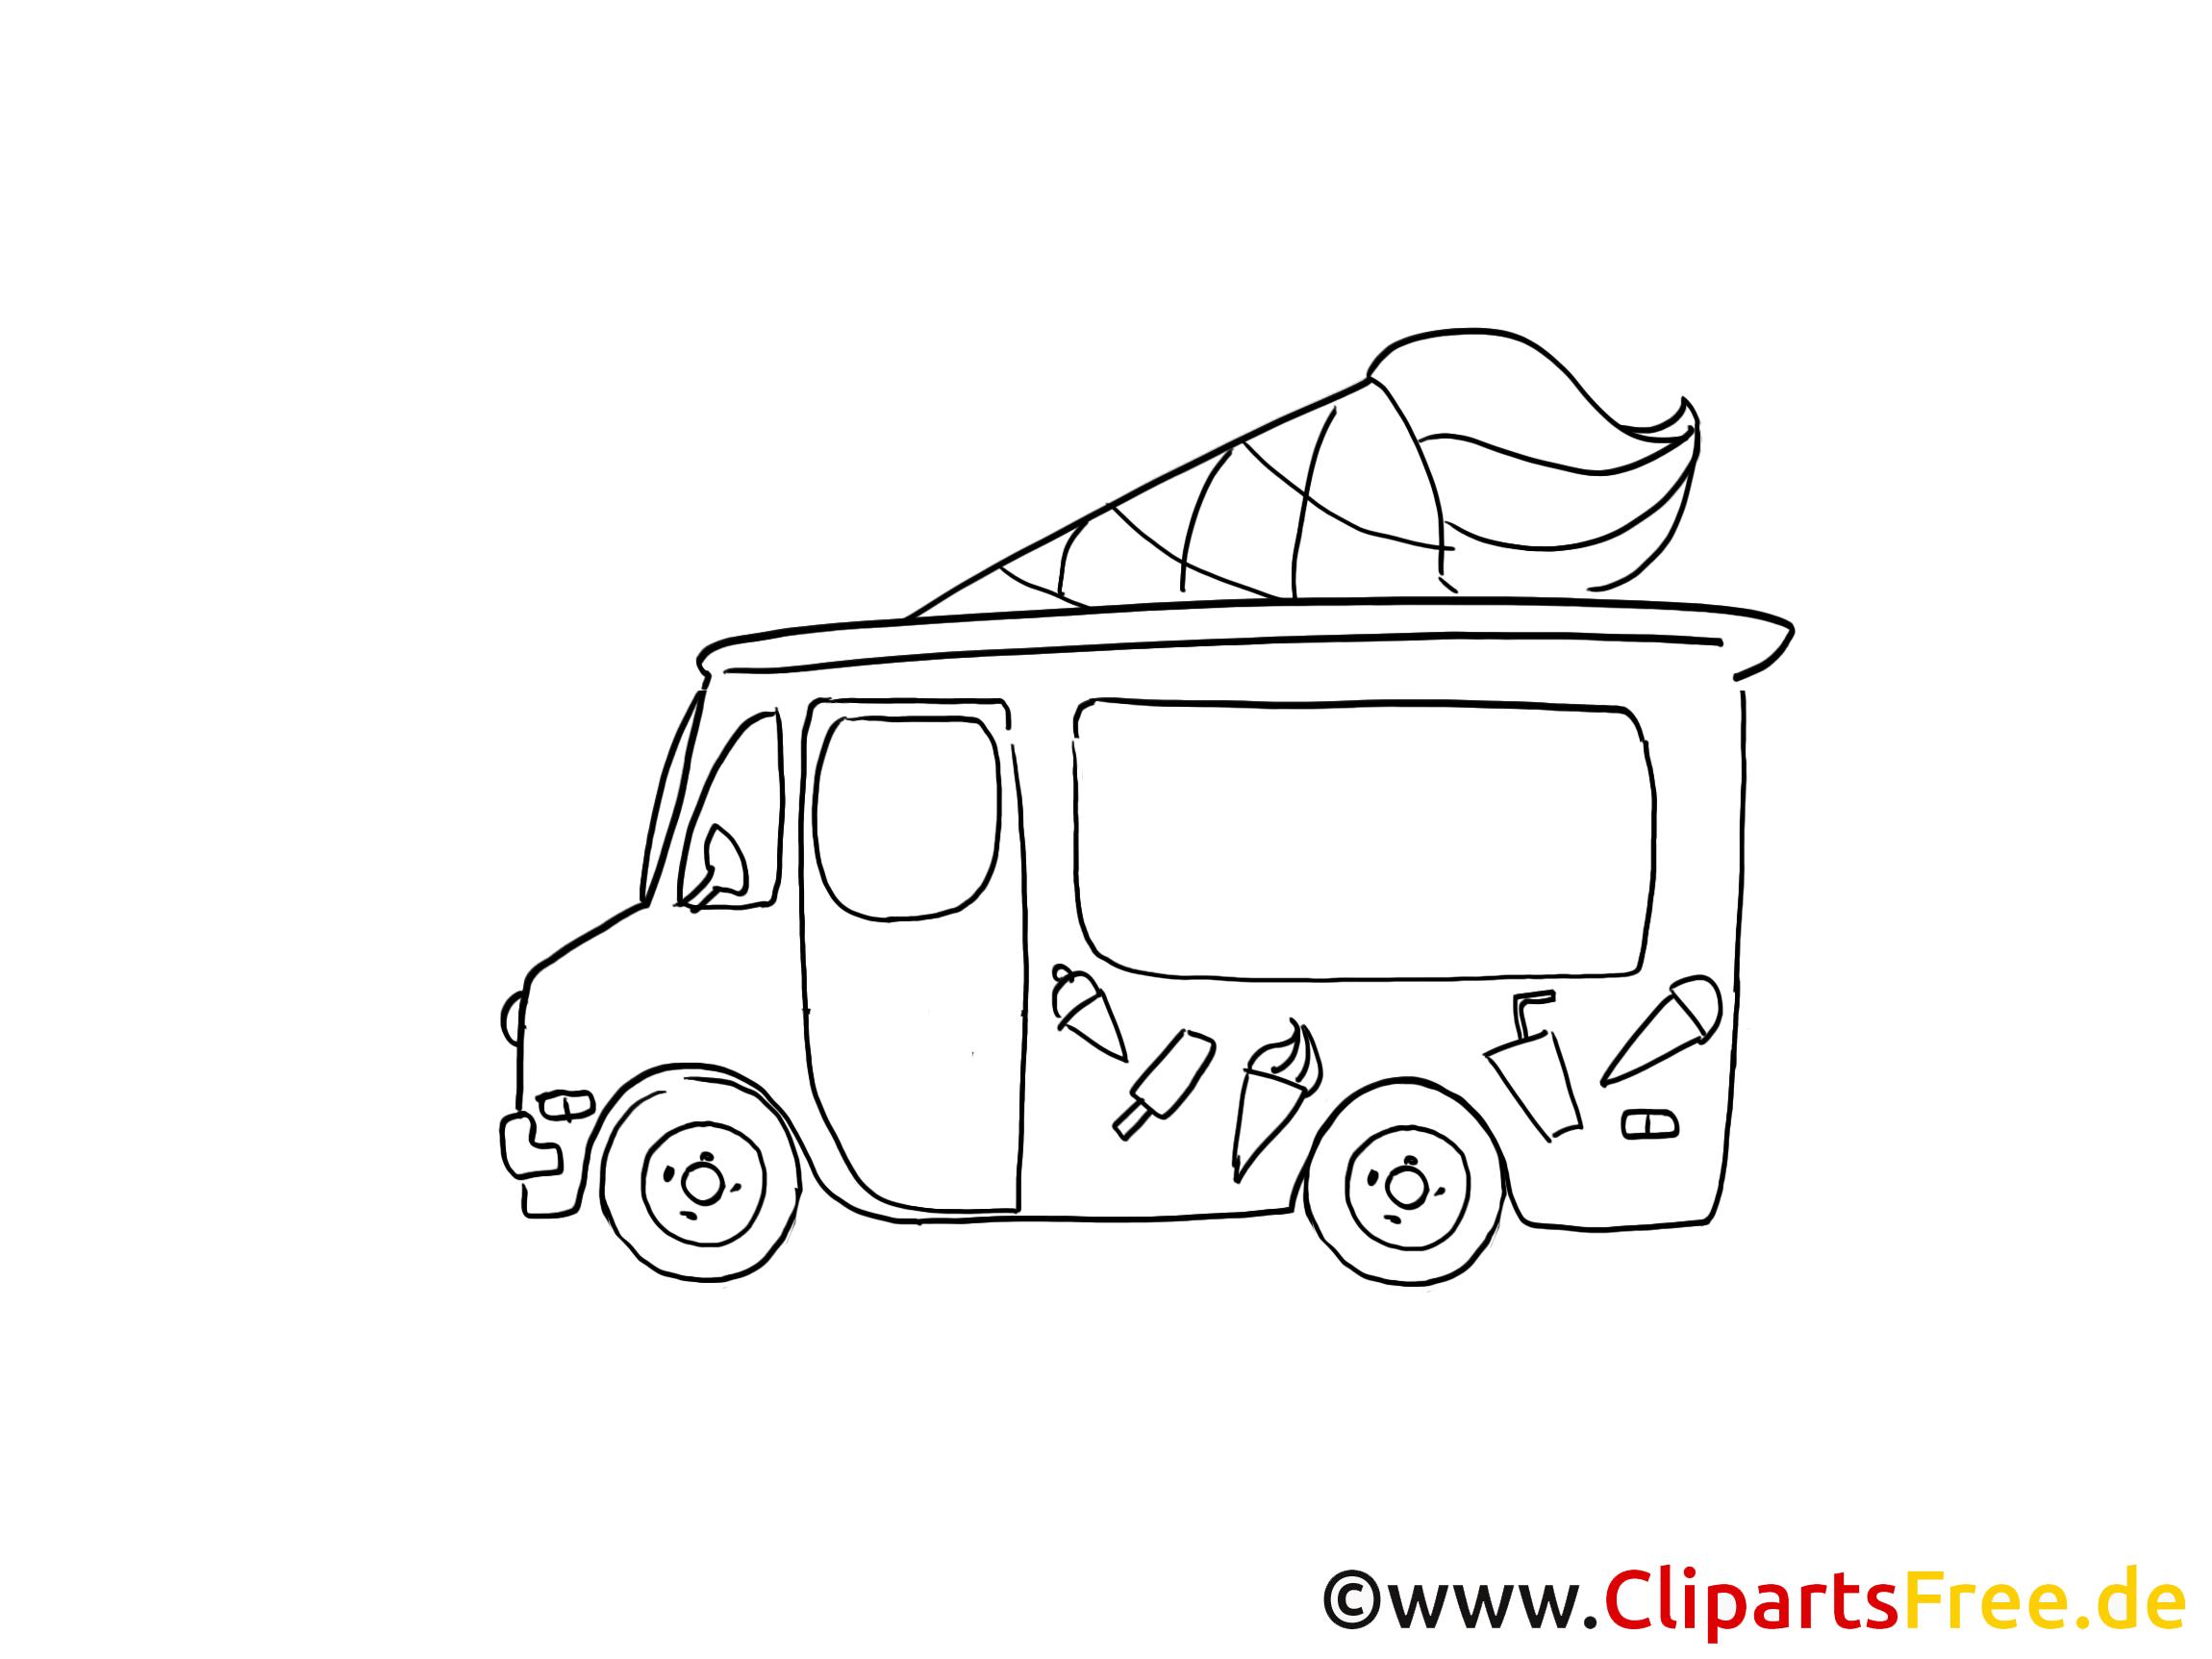 Camion de cr me glac e dessin gratuit colorier voitures dessin picture image graphic - Camion a colorier gratuit ...